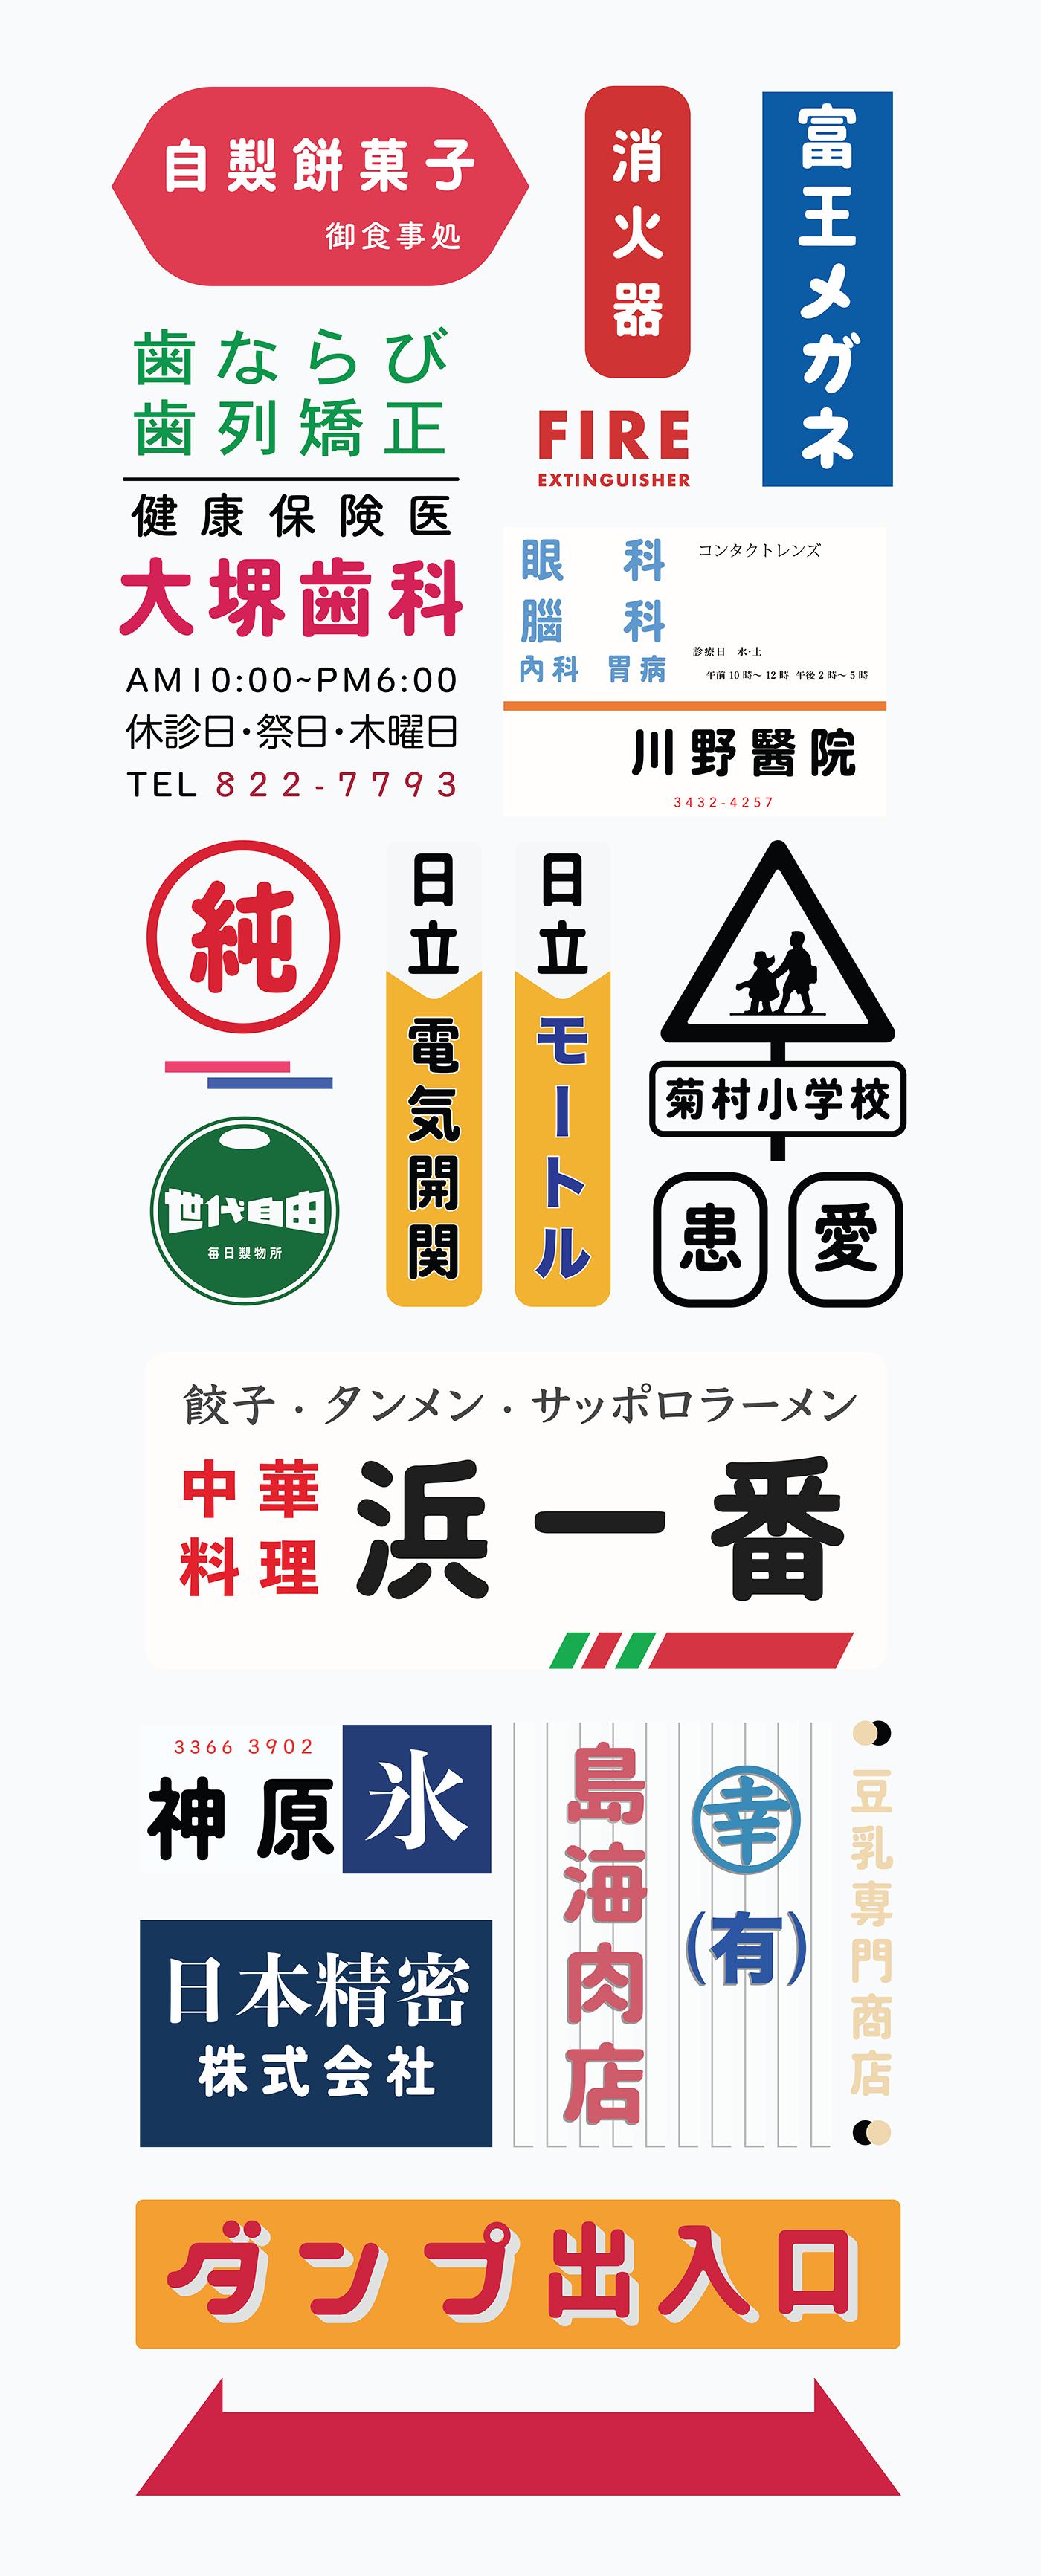 日日新 摩登時代的字型提案on behance logotype typography word design graphic design branding